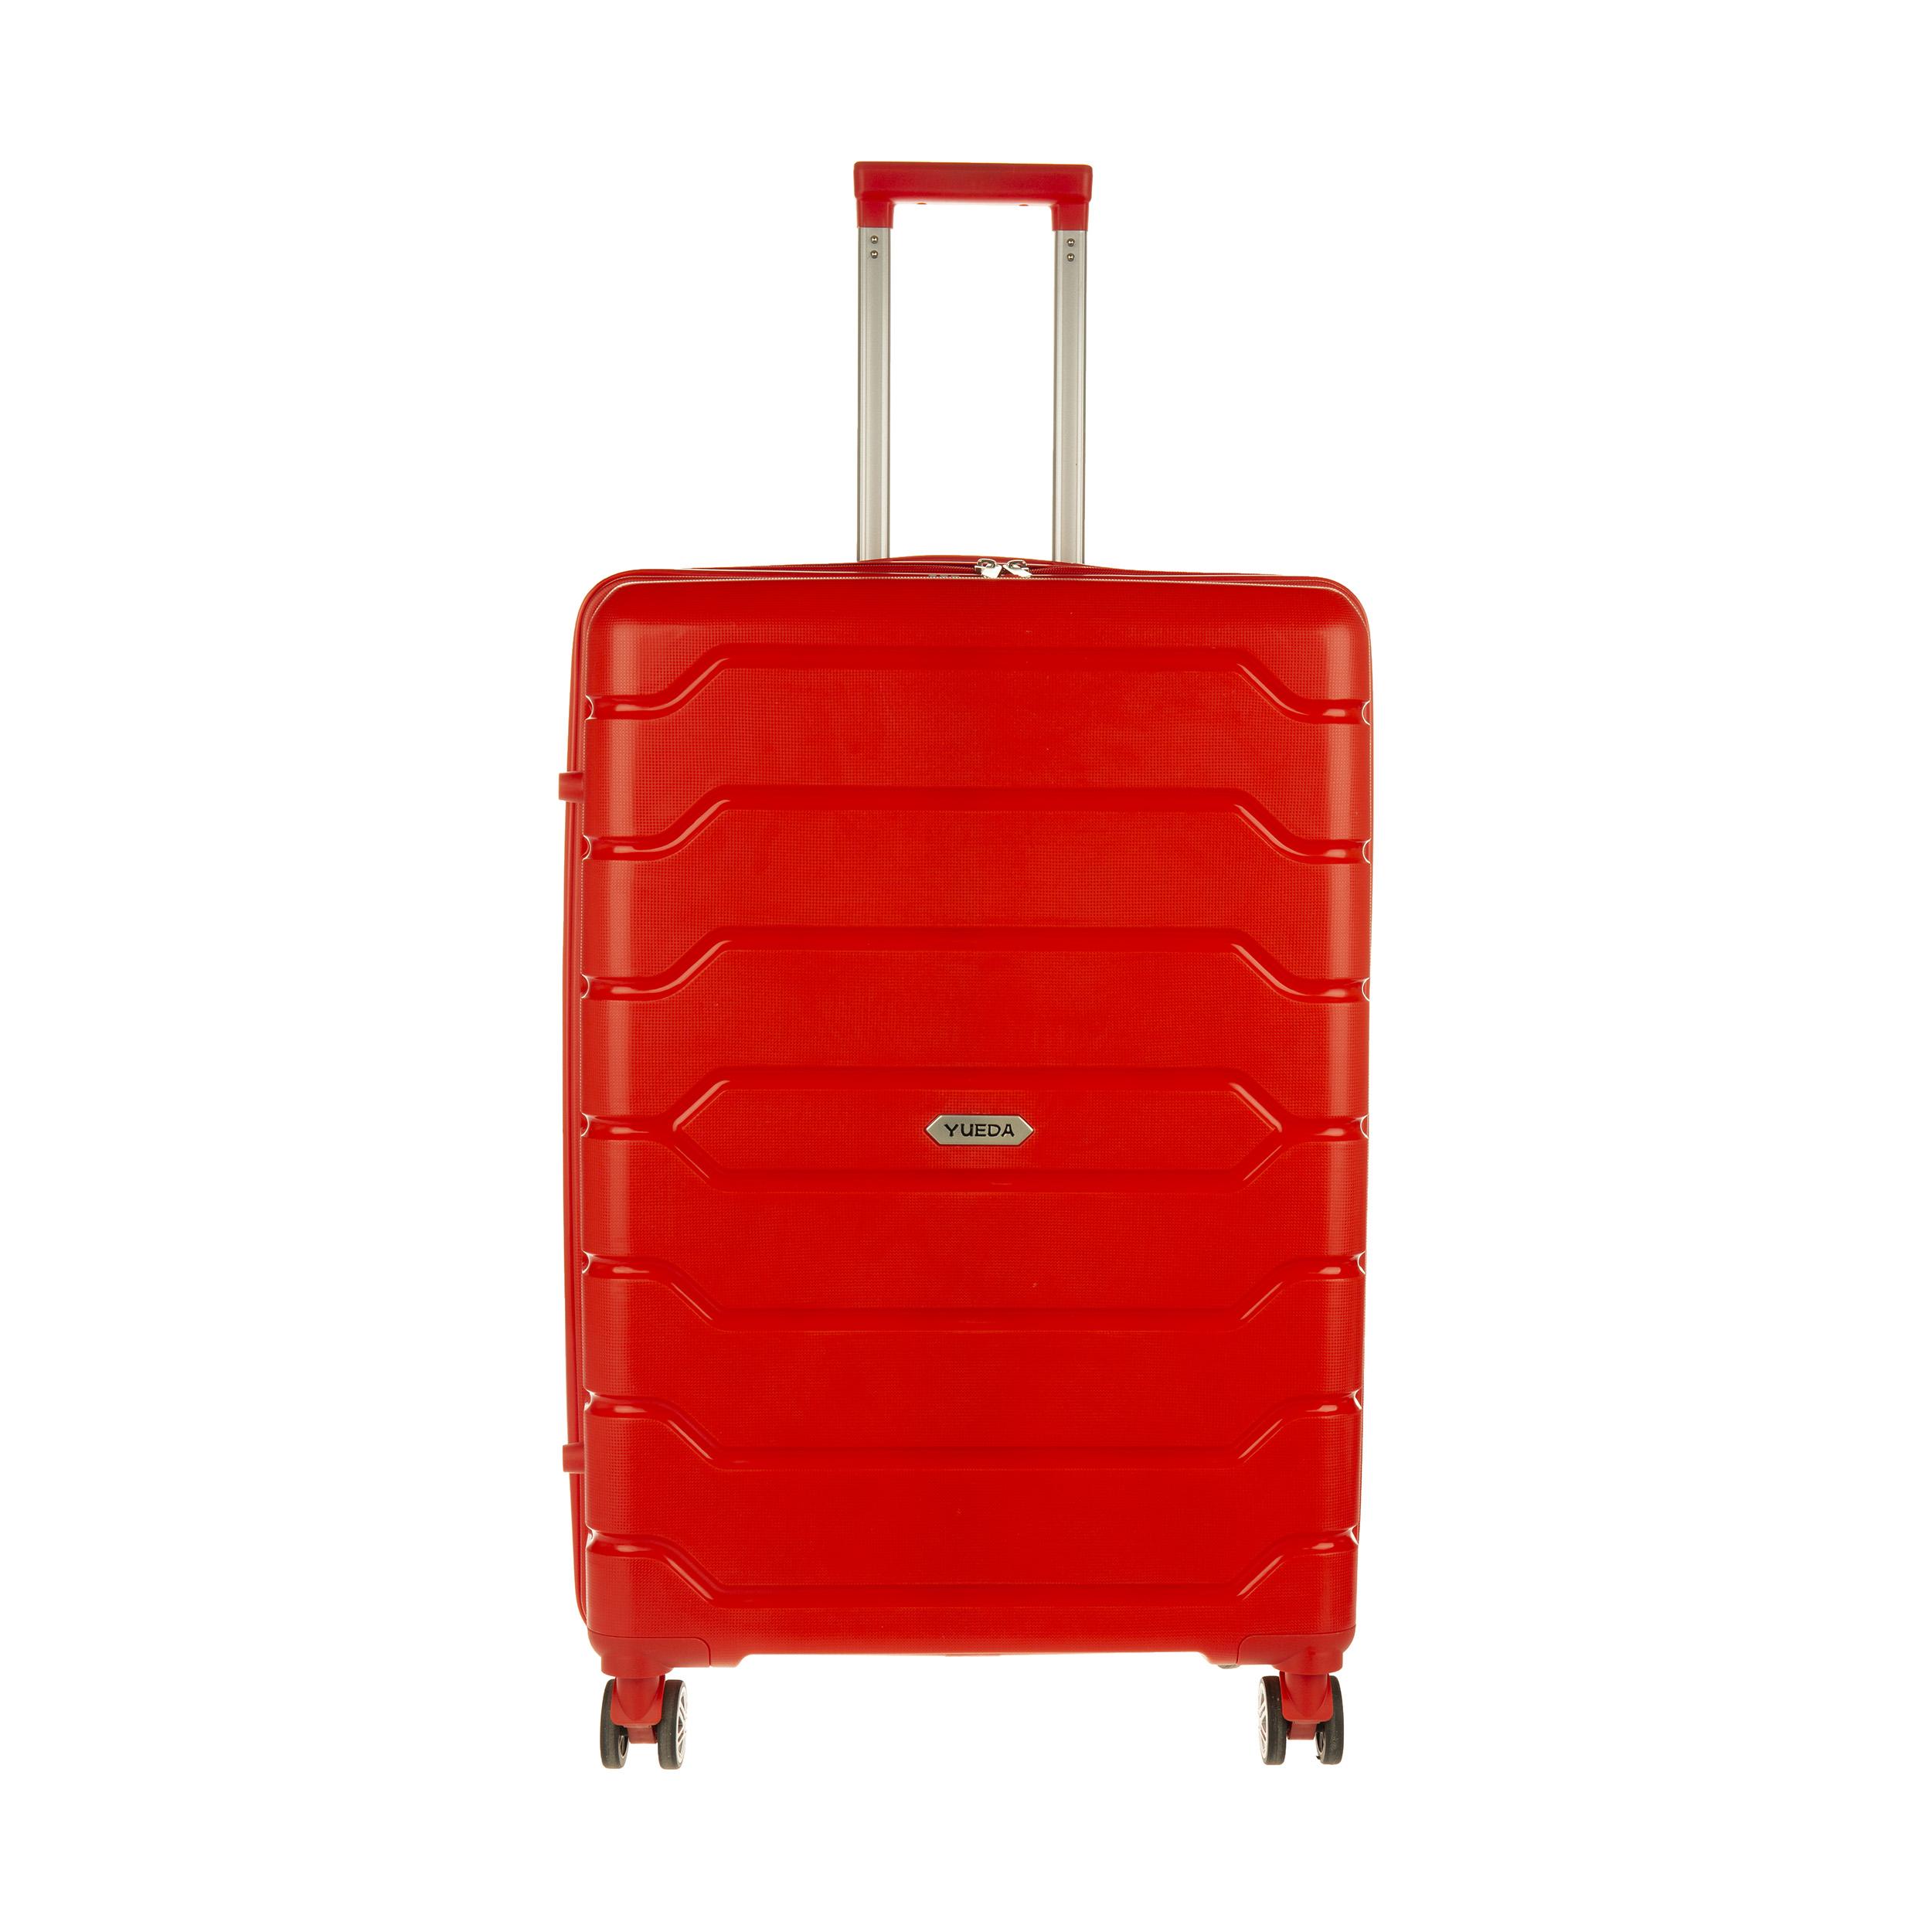 چمدان یوئدا کد 001